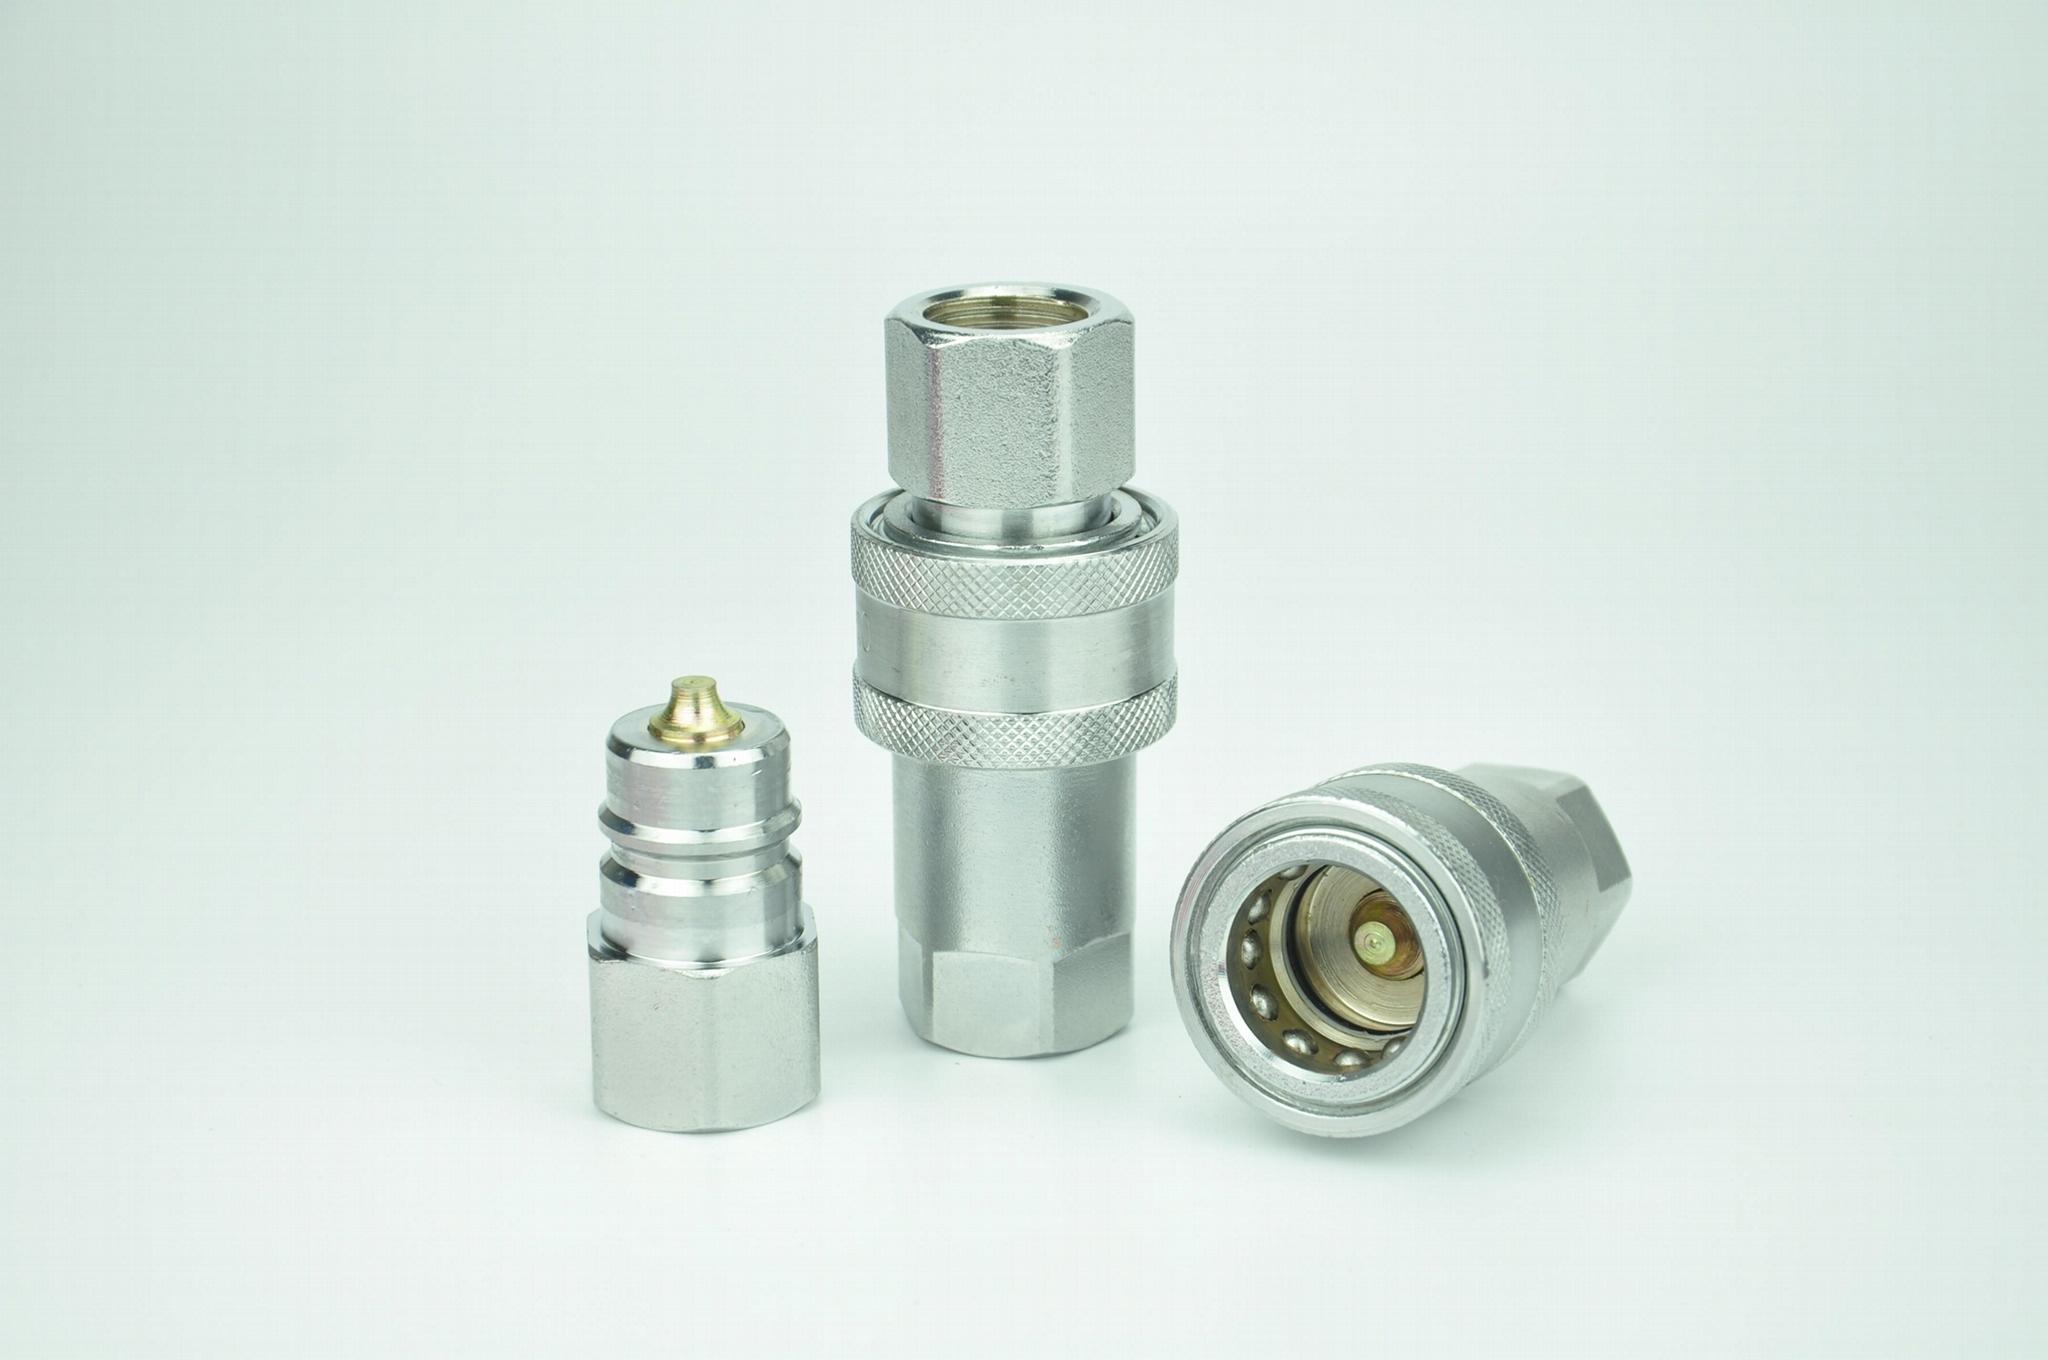 KZE開閉式液壓快速接頭雙自封注塑機高壓油管 1